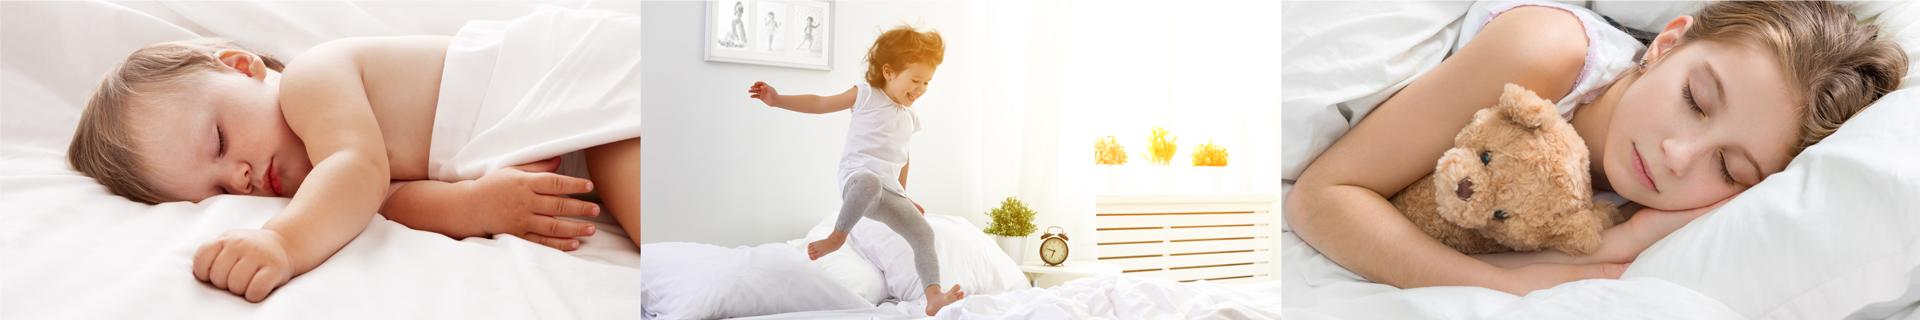 Materace dla dzieci | Kieszeniowe, lateksowe, piankowe